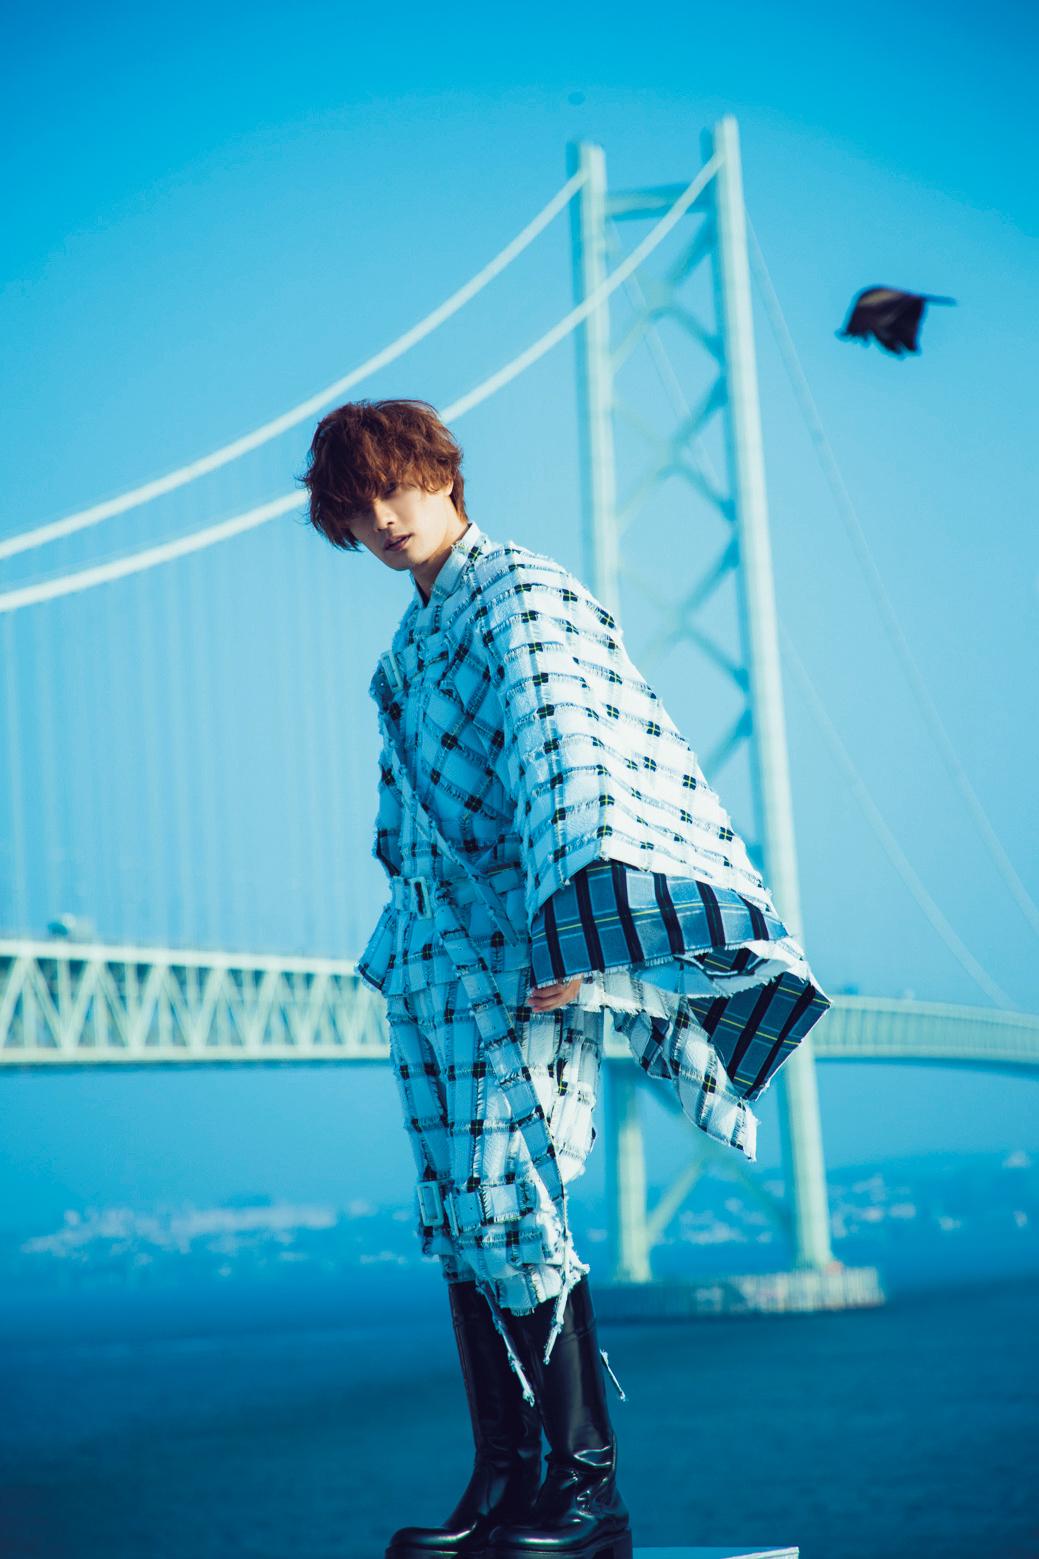 加藤和樹写真集「加藤和樹という男」 (東京ニュース通信社刊)